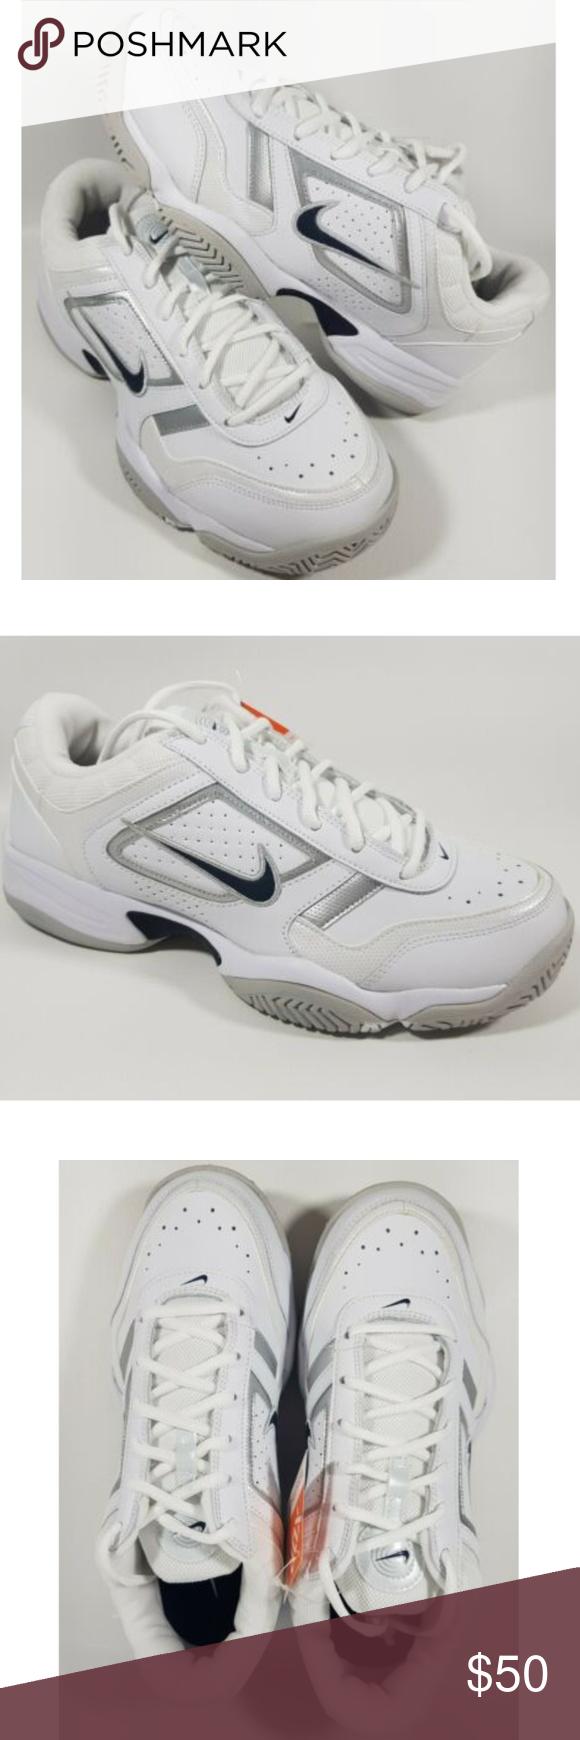 Nike City Court III Wide 4E Mens Shoes